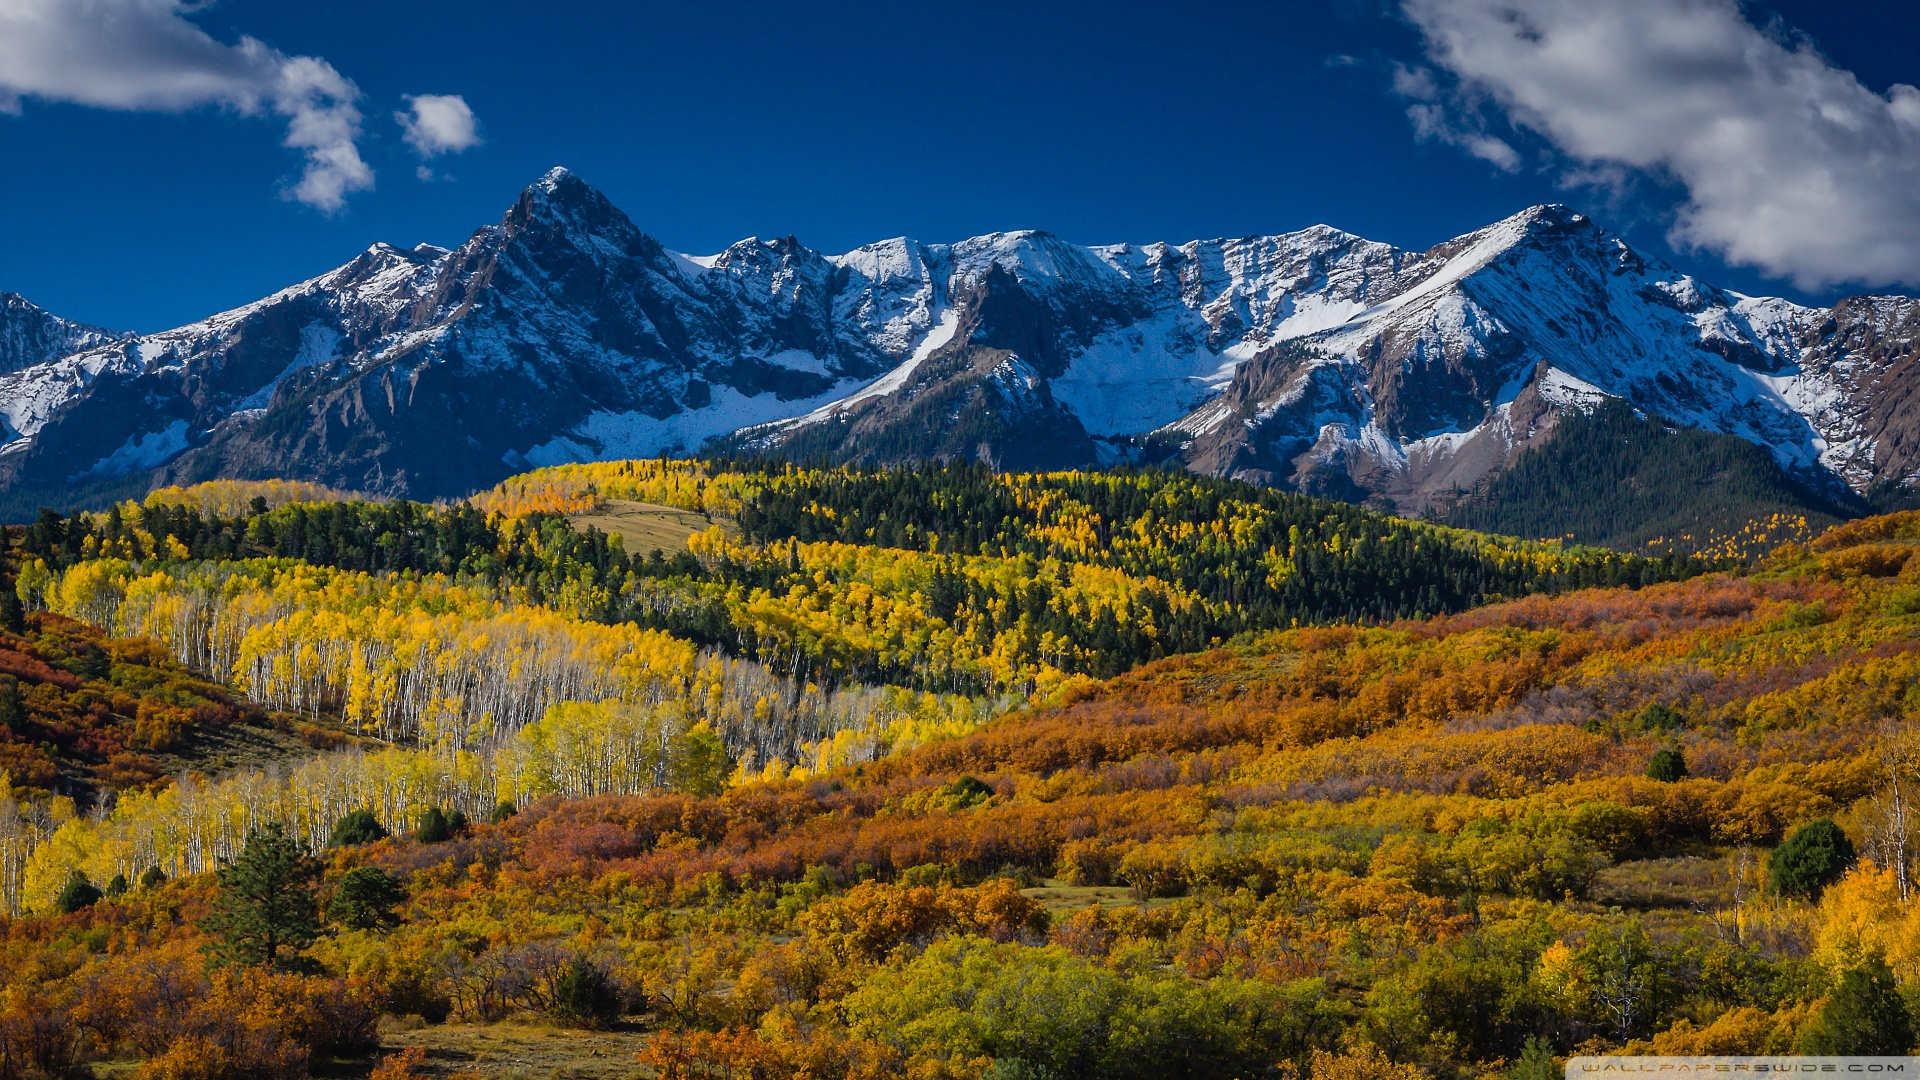 Colorado Wallpaper 1920x1080 Mountain Landscape In Aspen Colorado 1920x1080